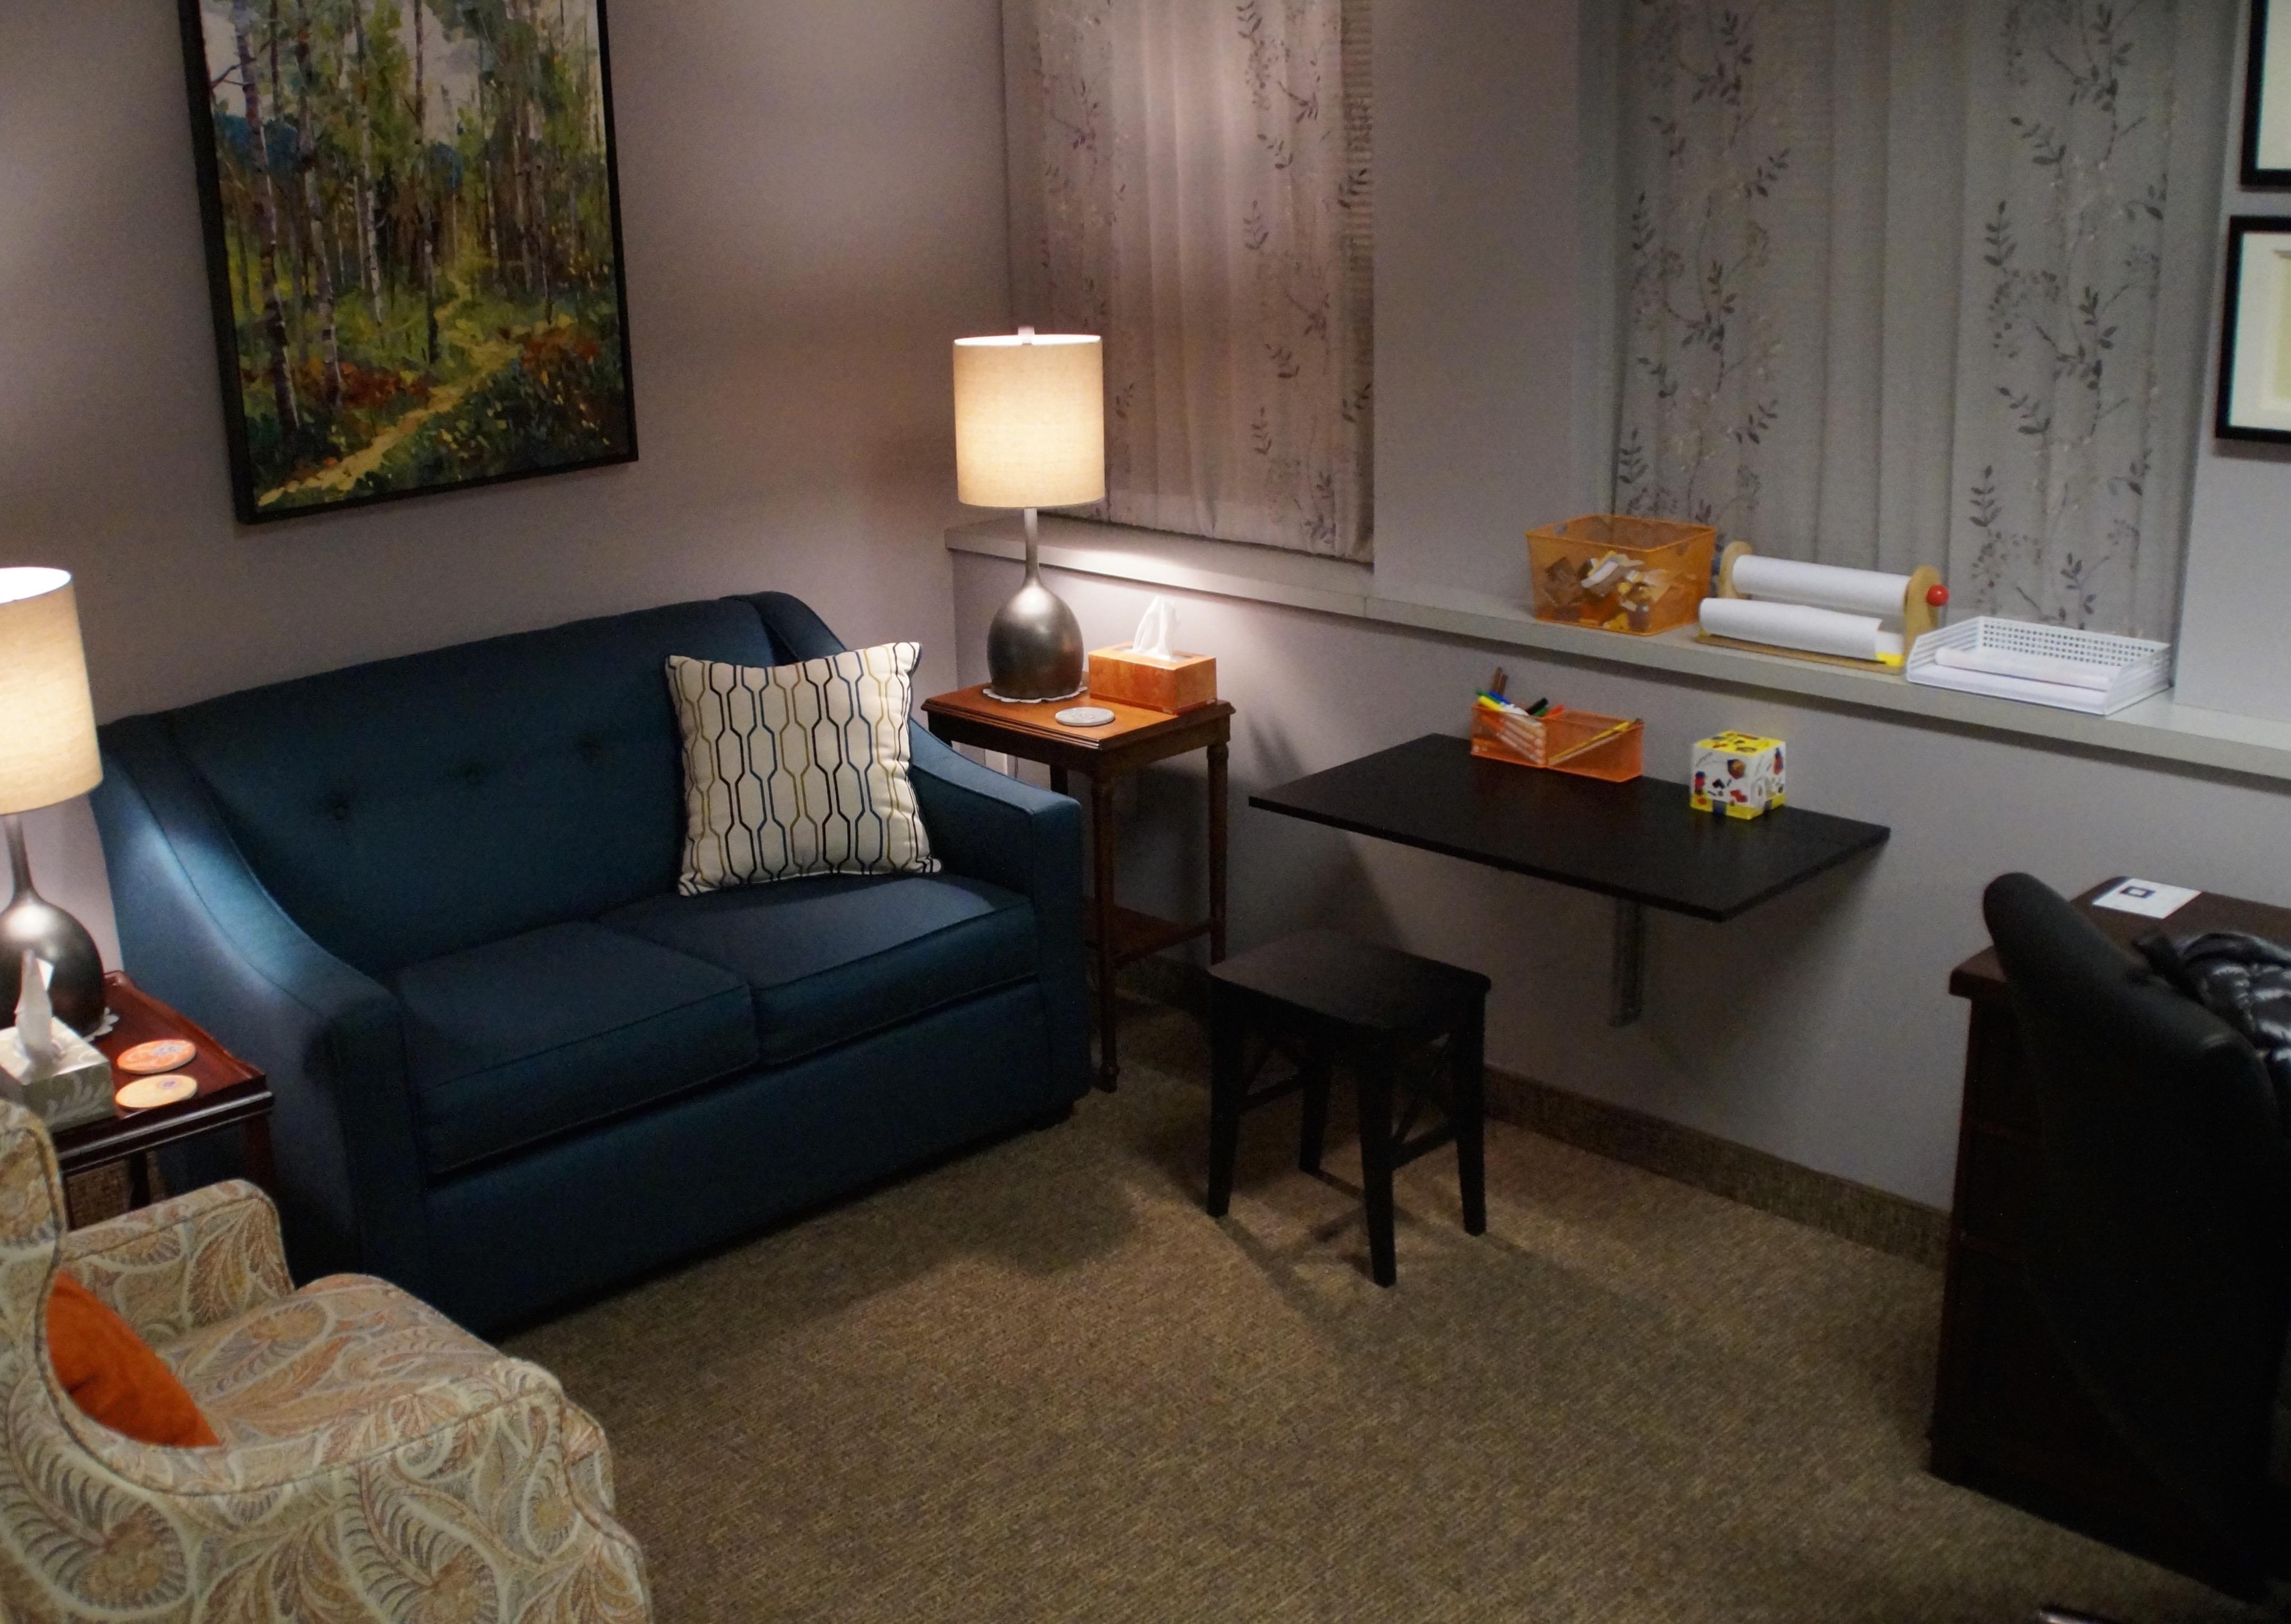 Rose Samuelson's Office